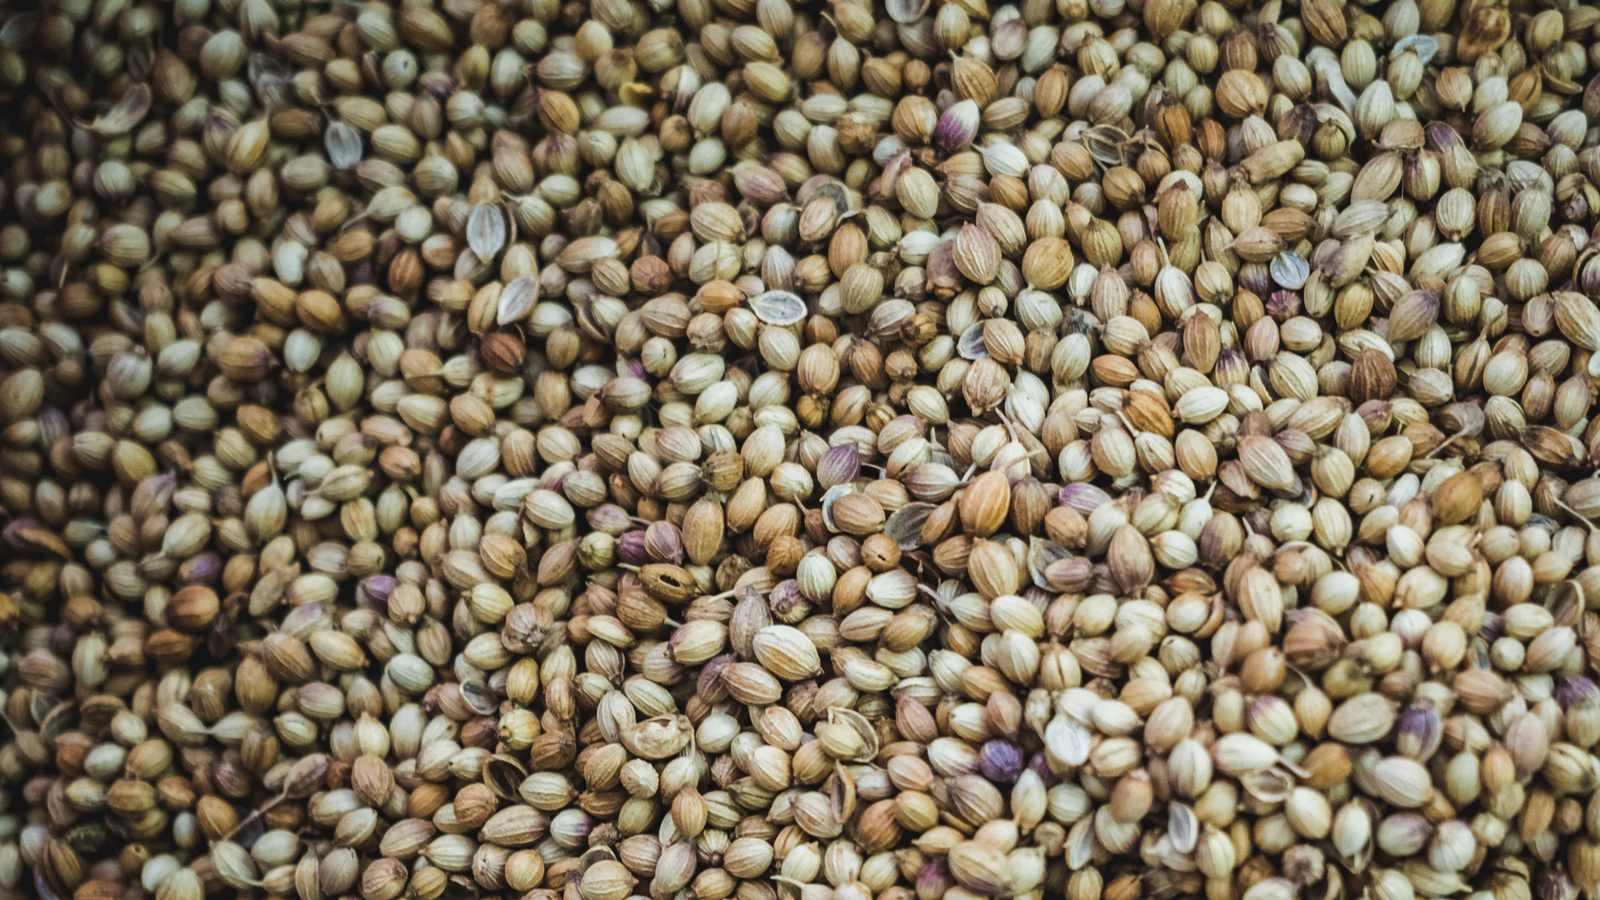 זרעי המפ | קנאביס רפואי בריא בישראל